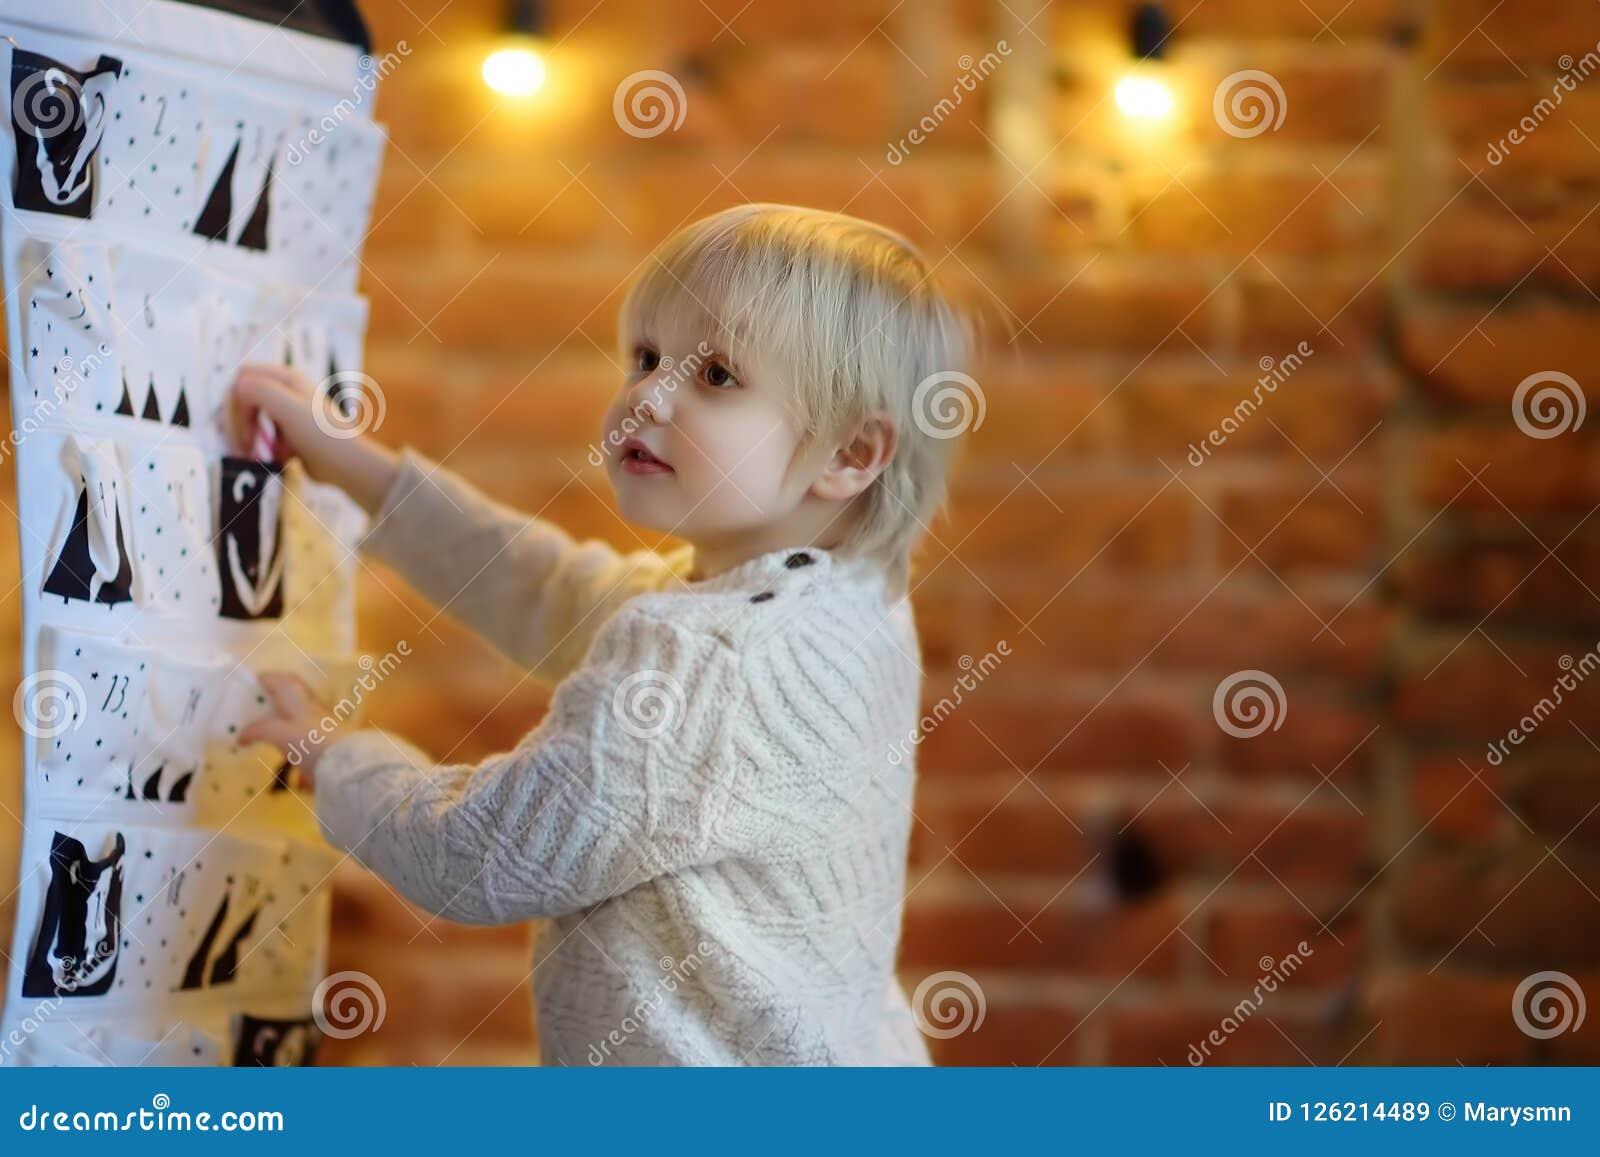 愉快的小男孩采取从出现日历的甜点自圣诞前夕